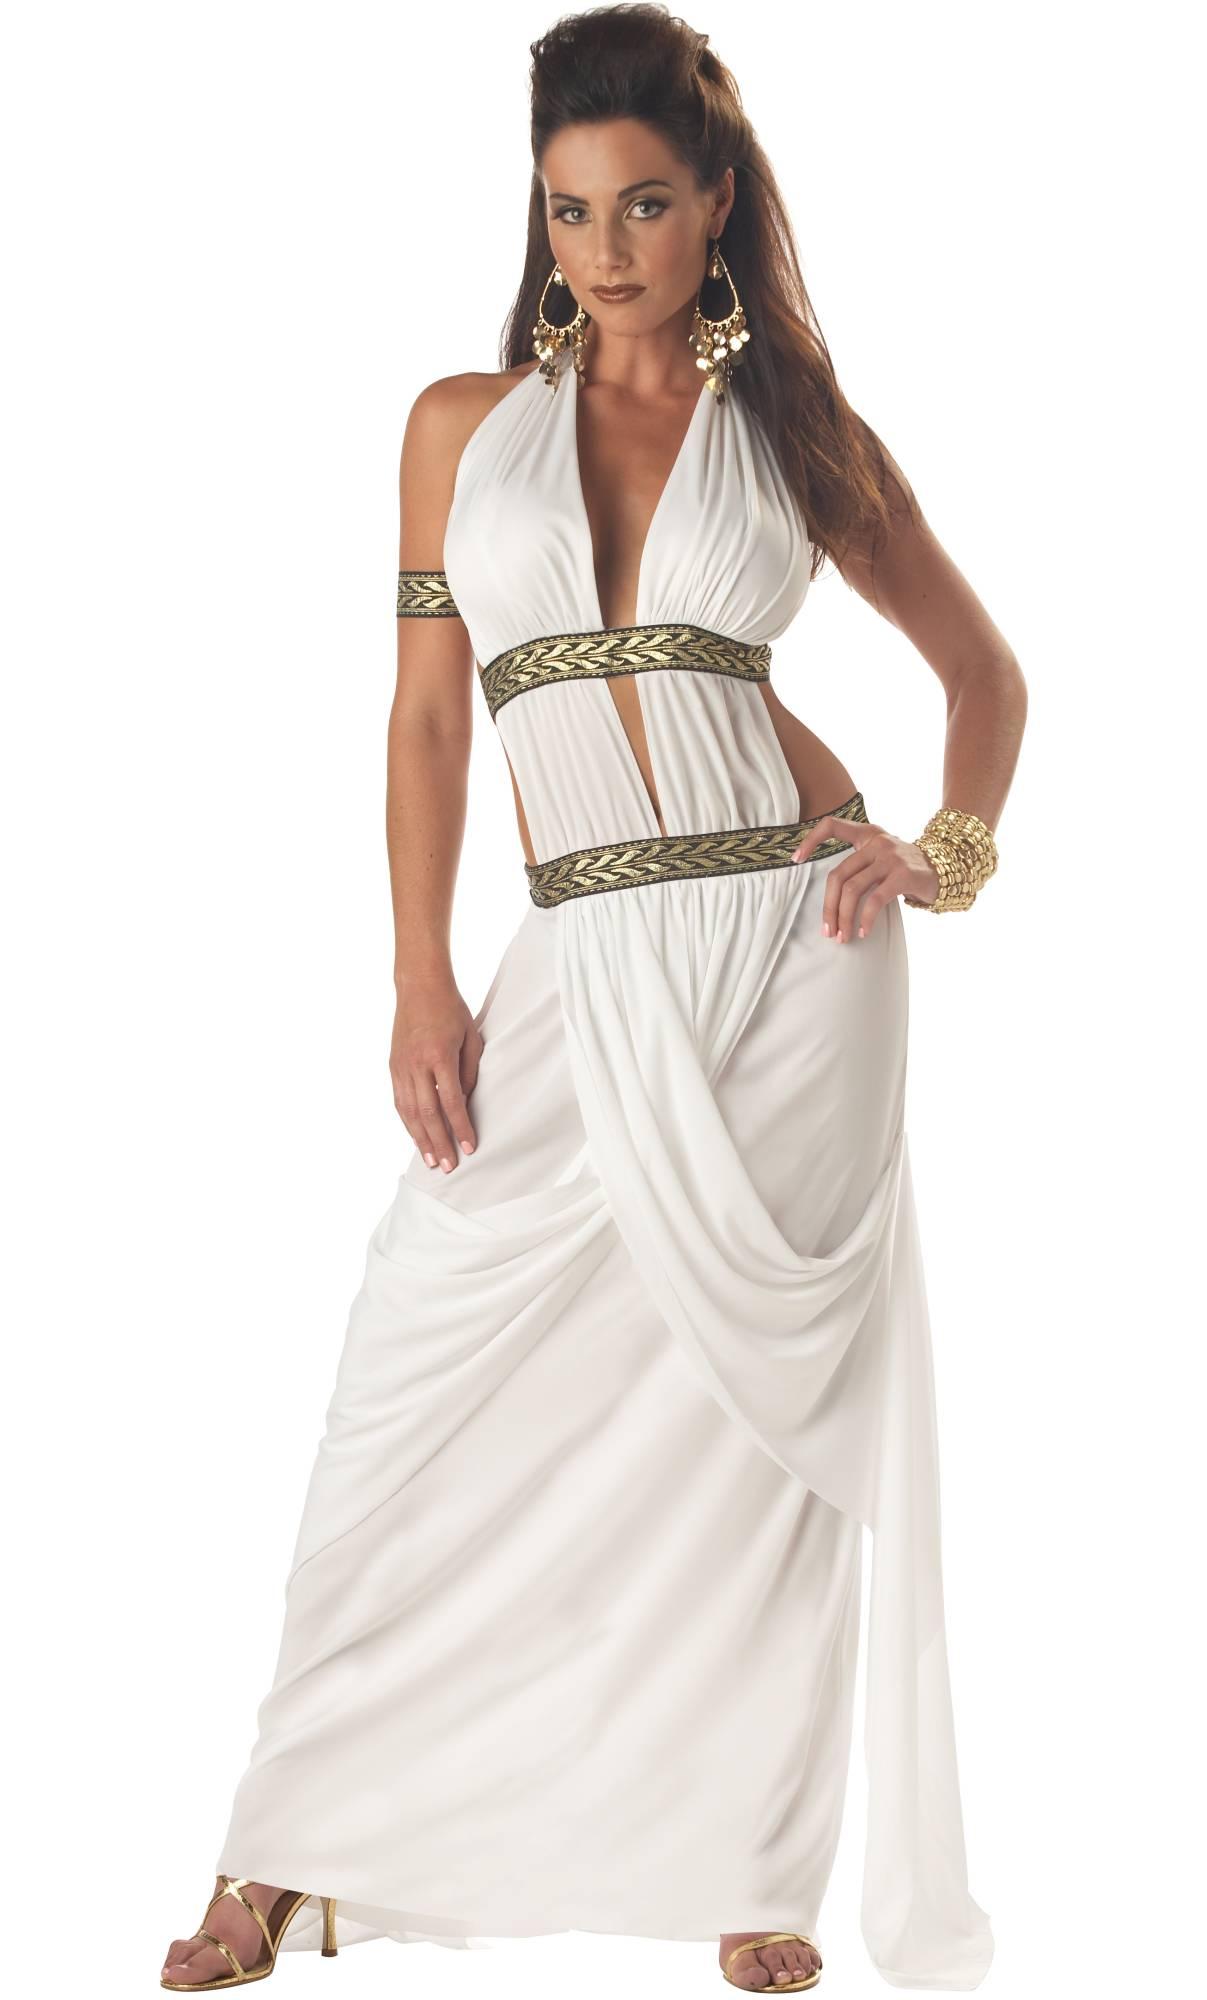 Costume-Romaine